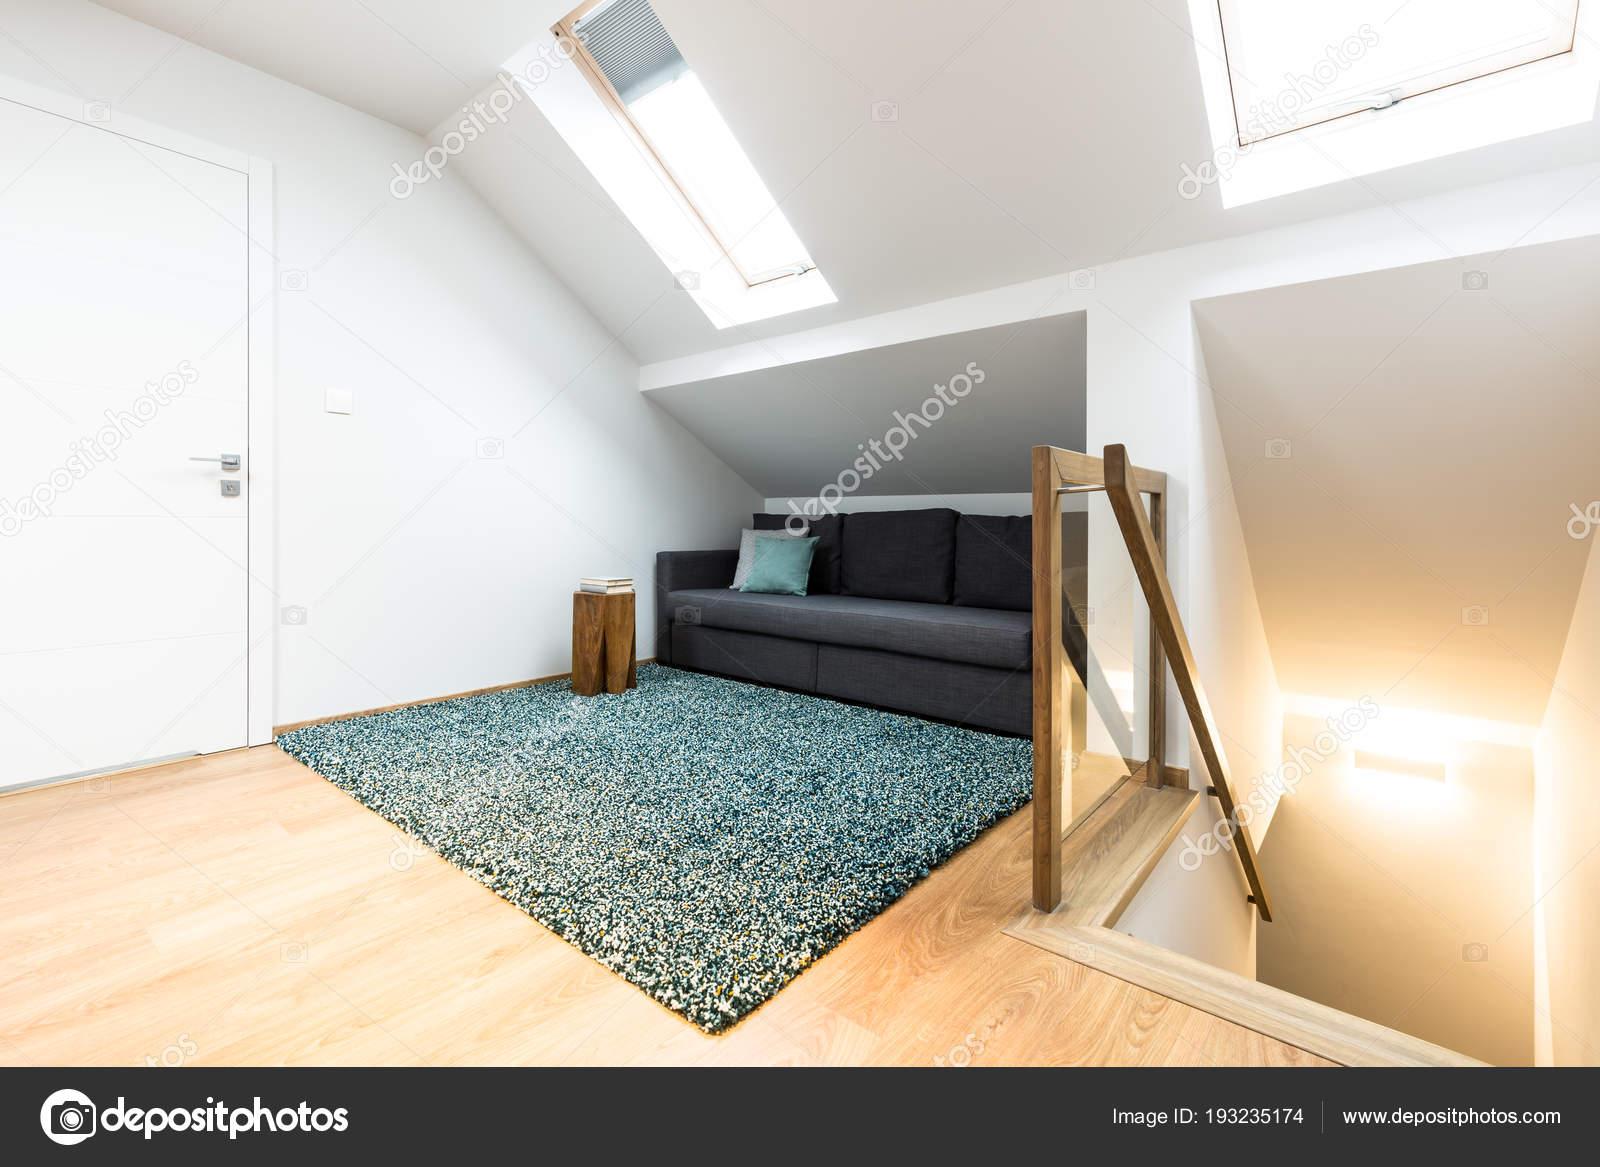 Versteckte Grau Sofa Mit Kissen Auf Dem Dachboden Neben Treppen ...